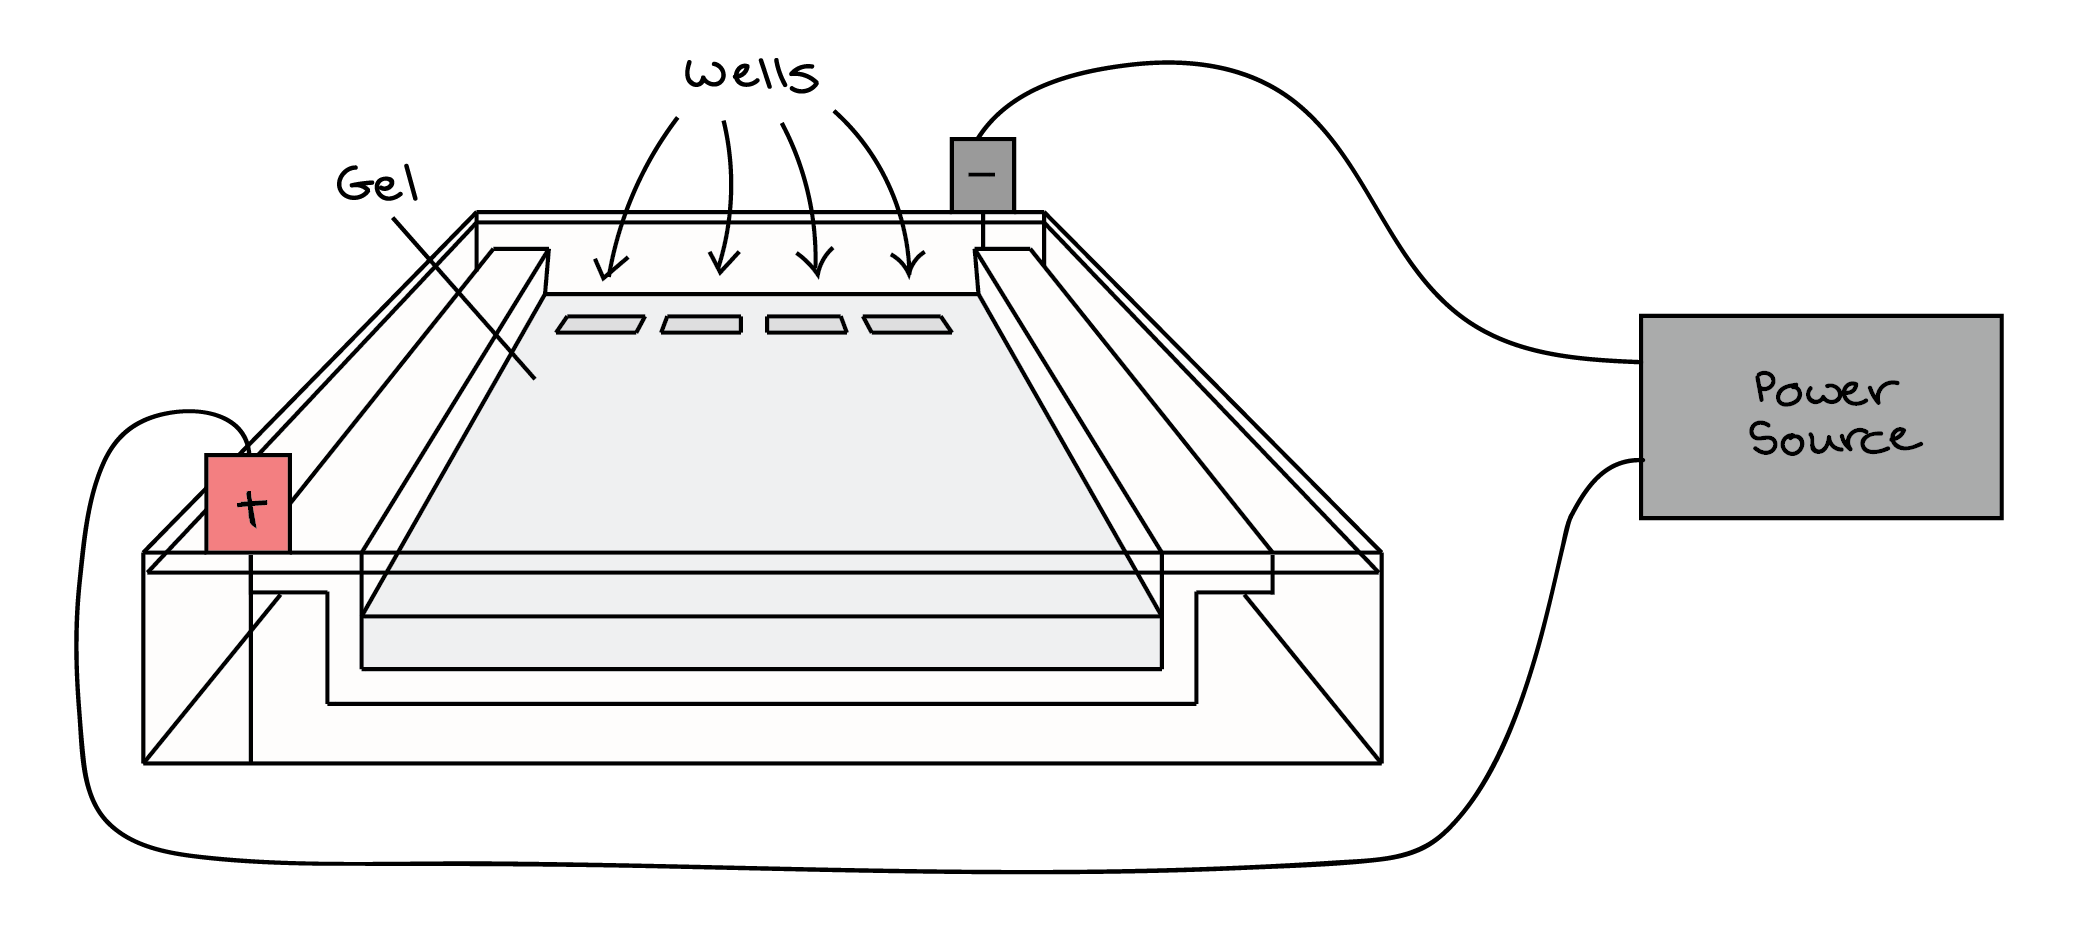 9biopinos Gel Electrophoresis Virtual Lab